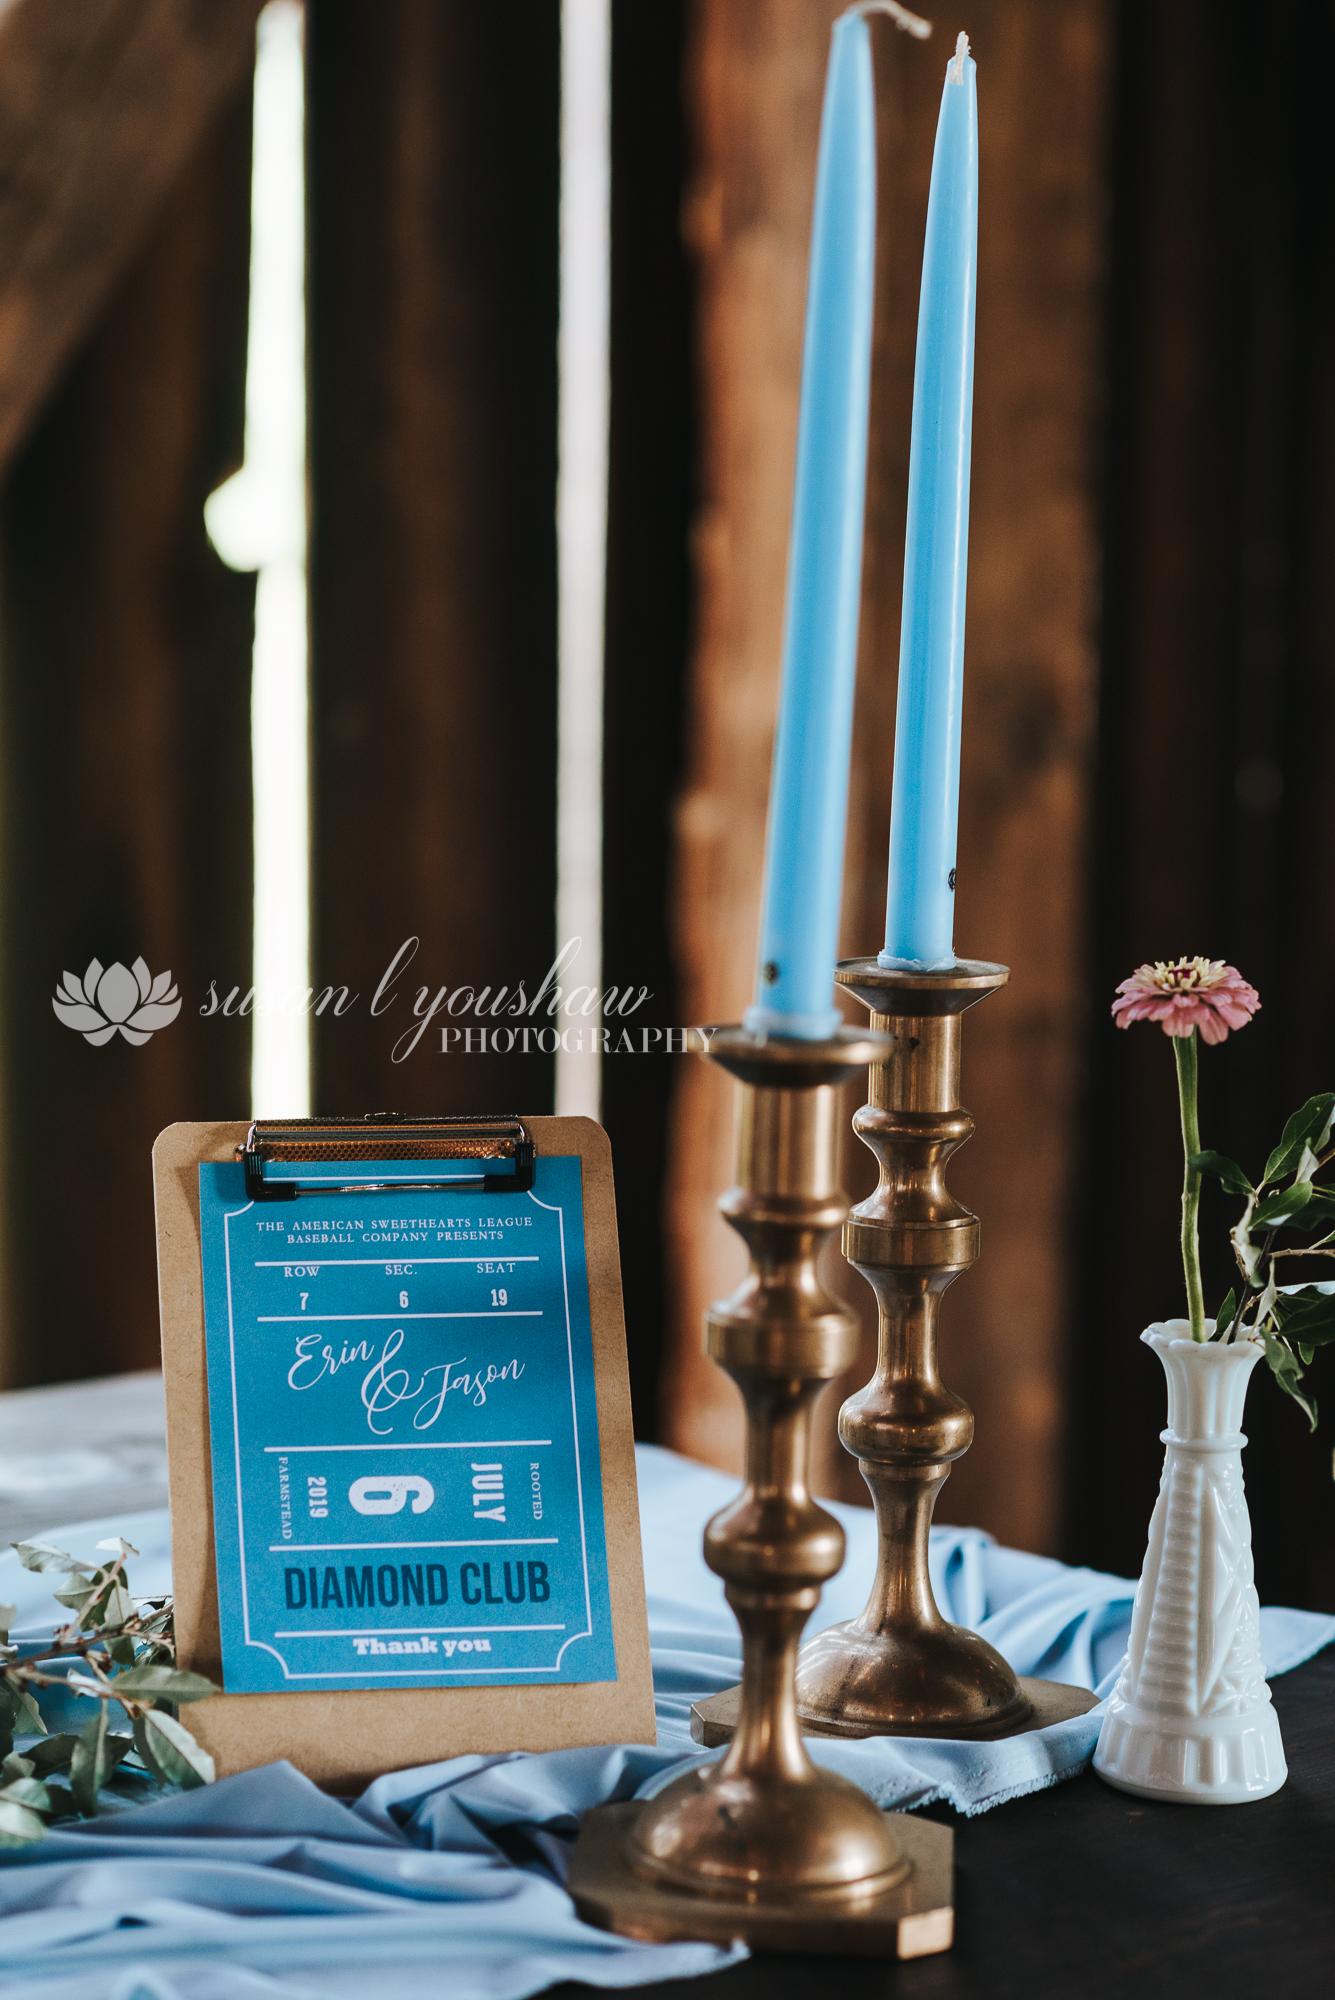 Erin and Jason Wedding Photos 07-06-2019 SLY Photography-7.jpg